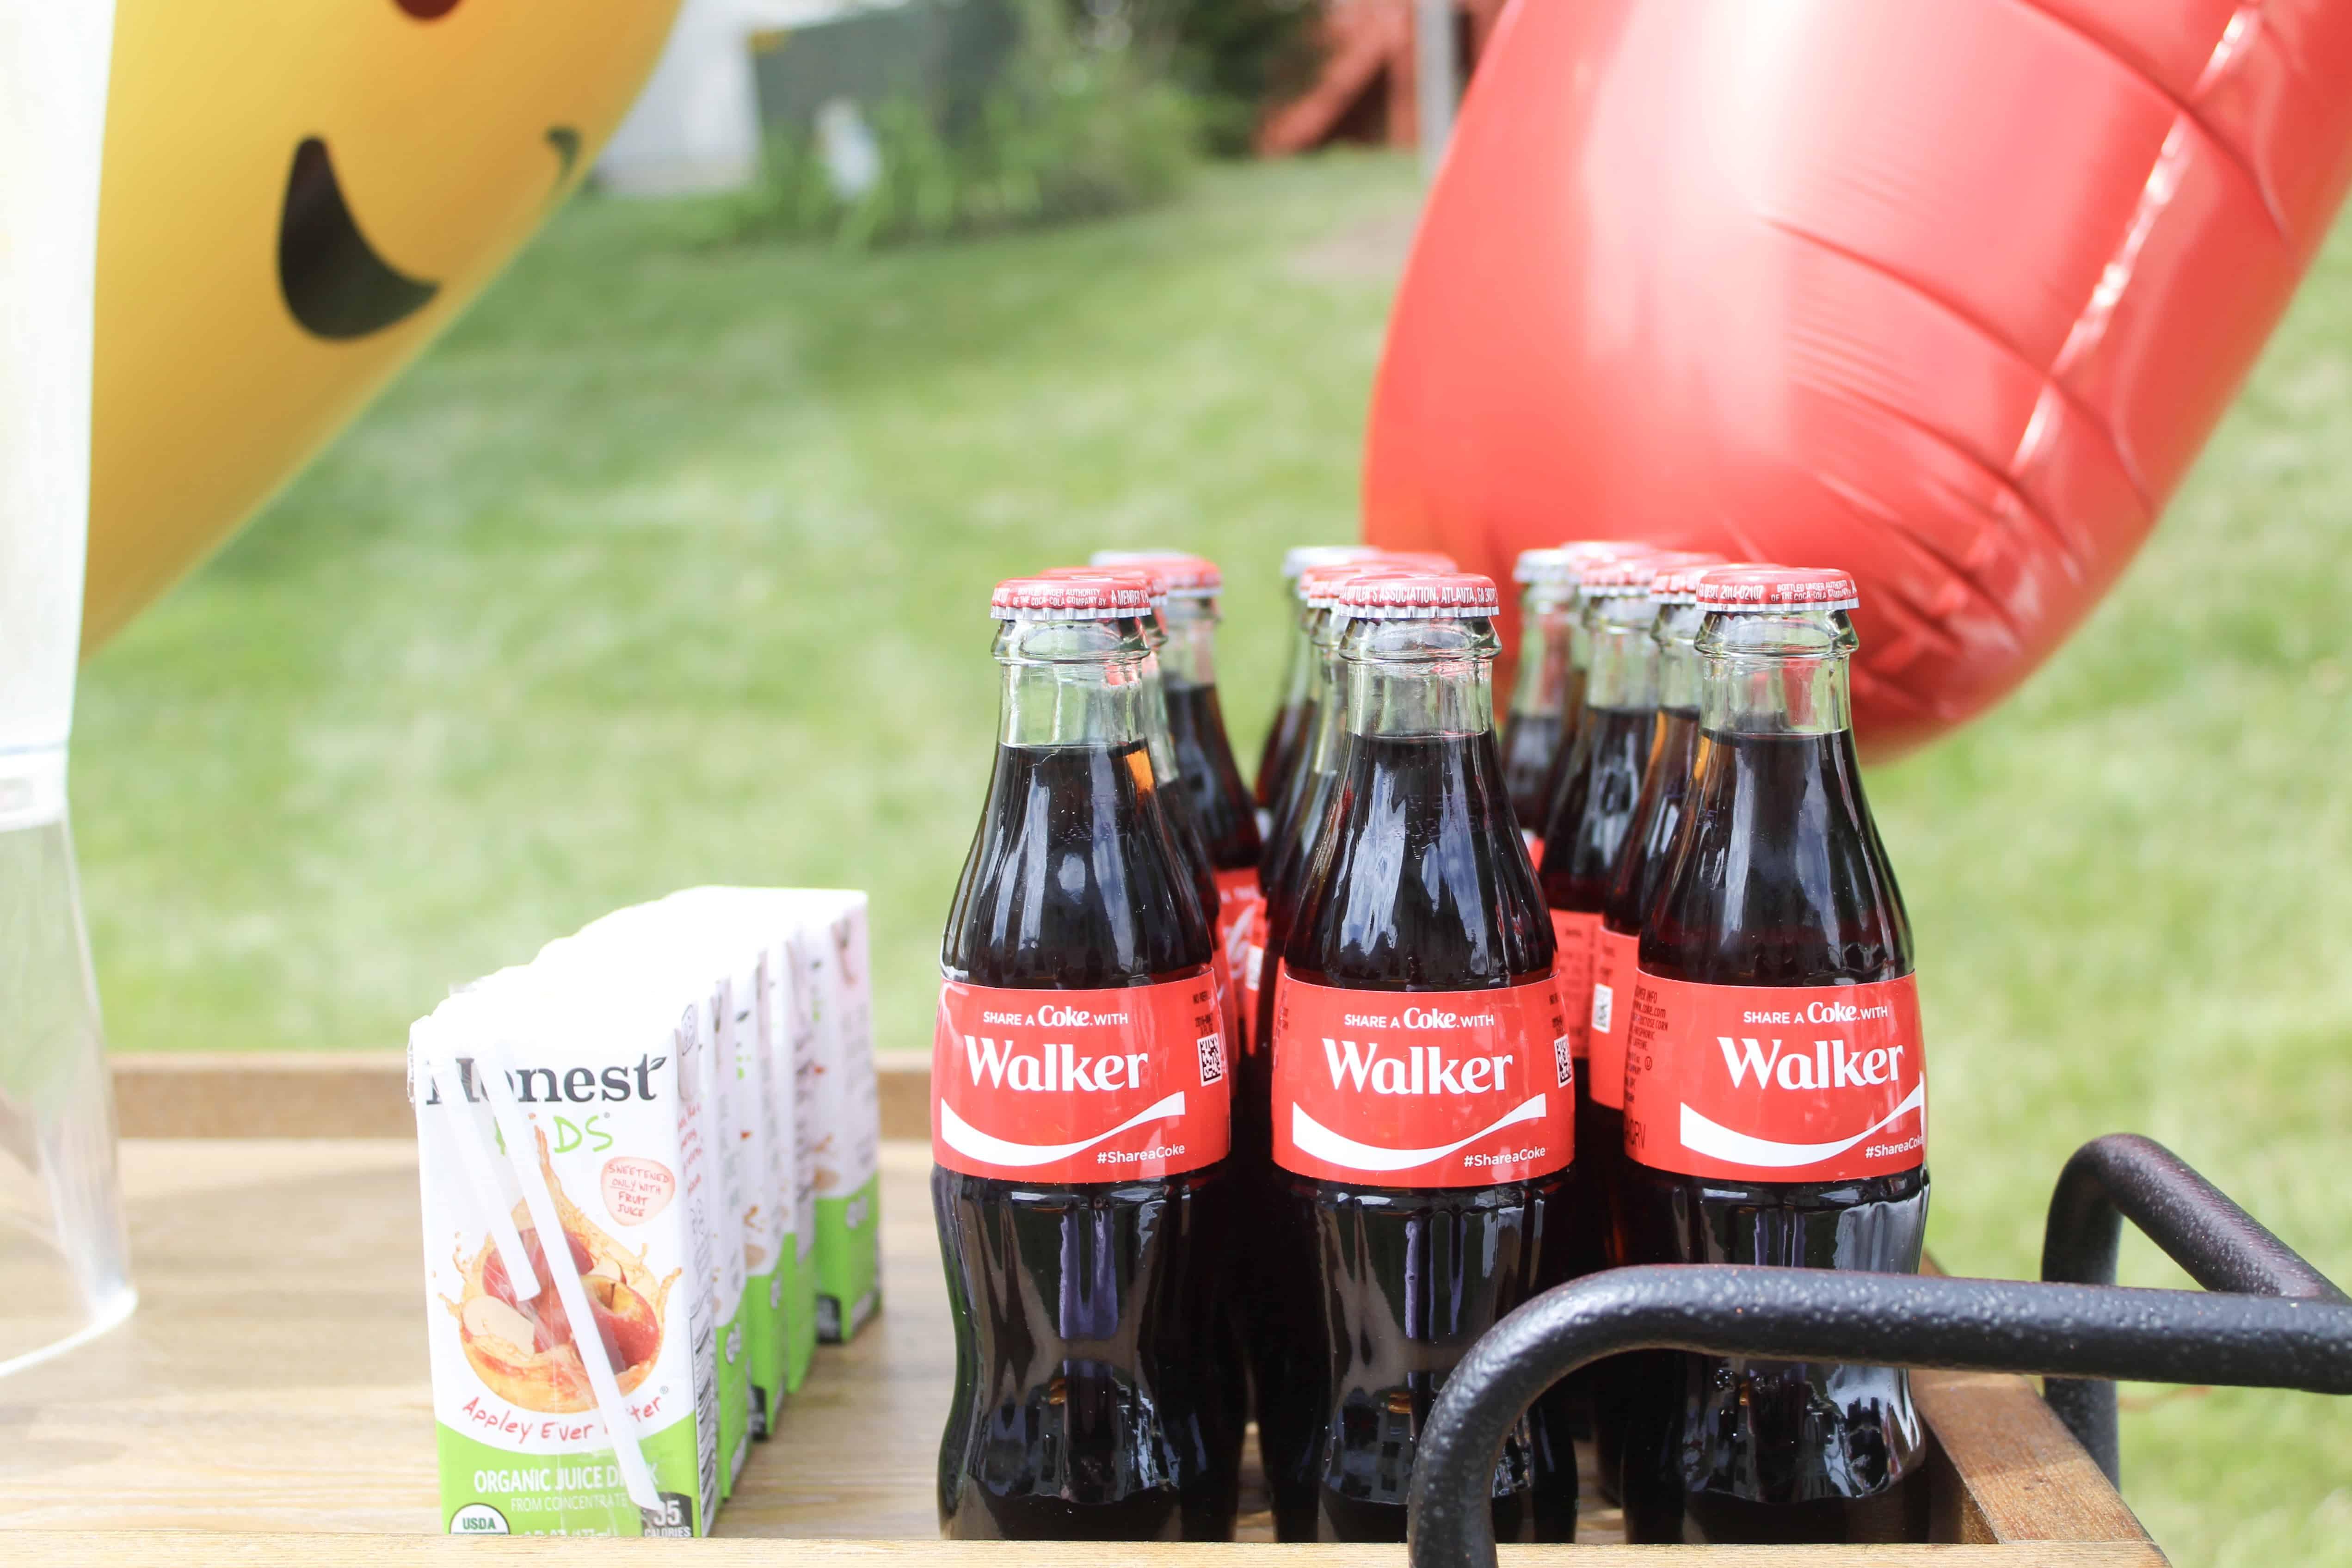 Walker Coke